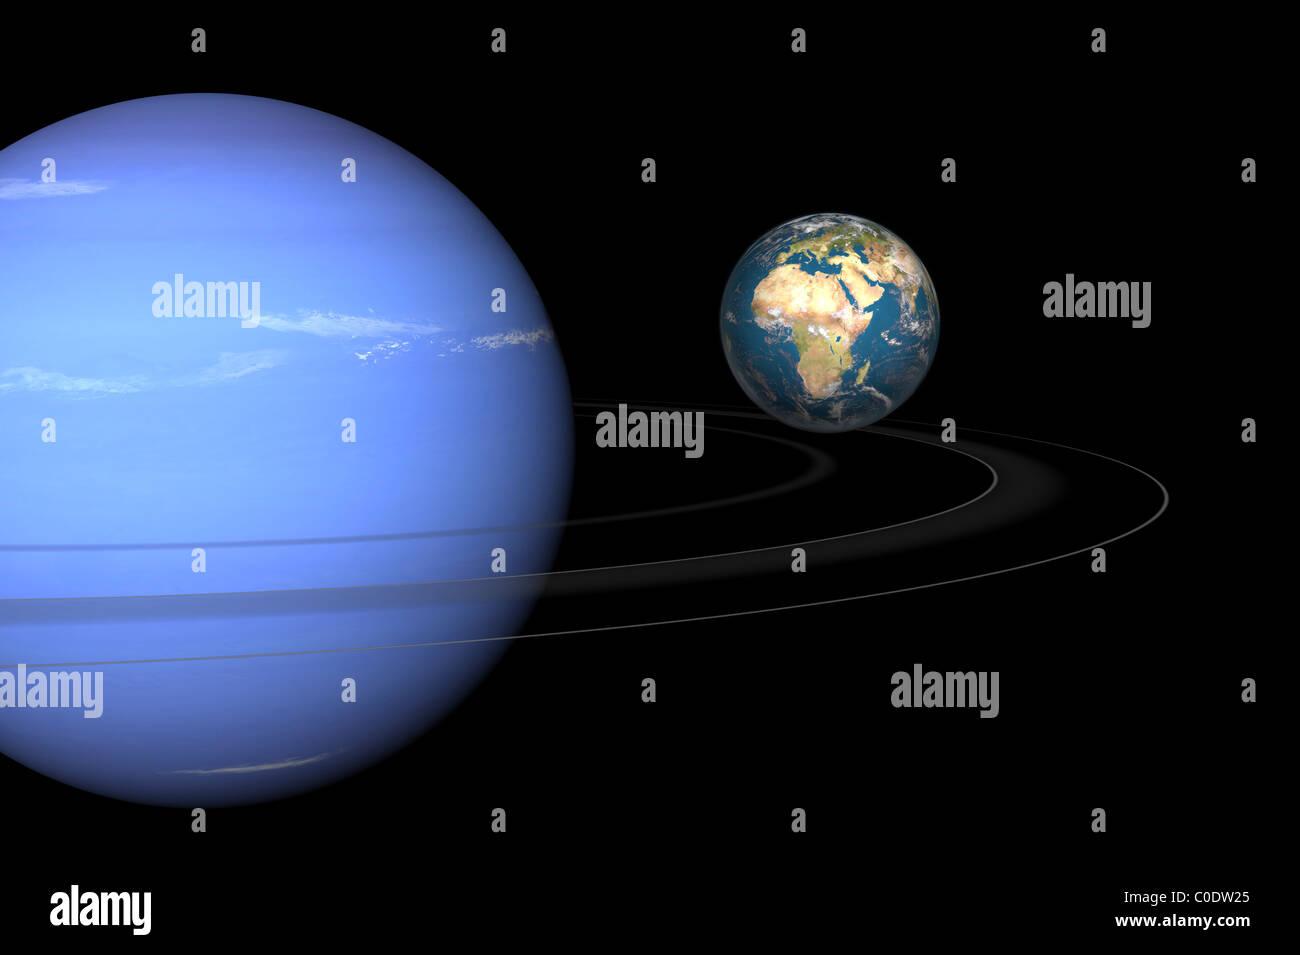 Artista' concepto de Neptuno y la tierra. Imagen De Stock